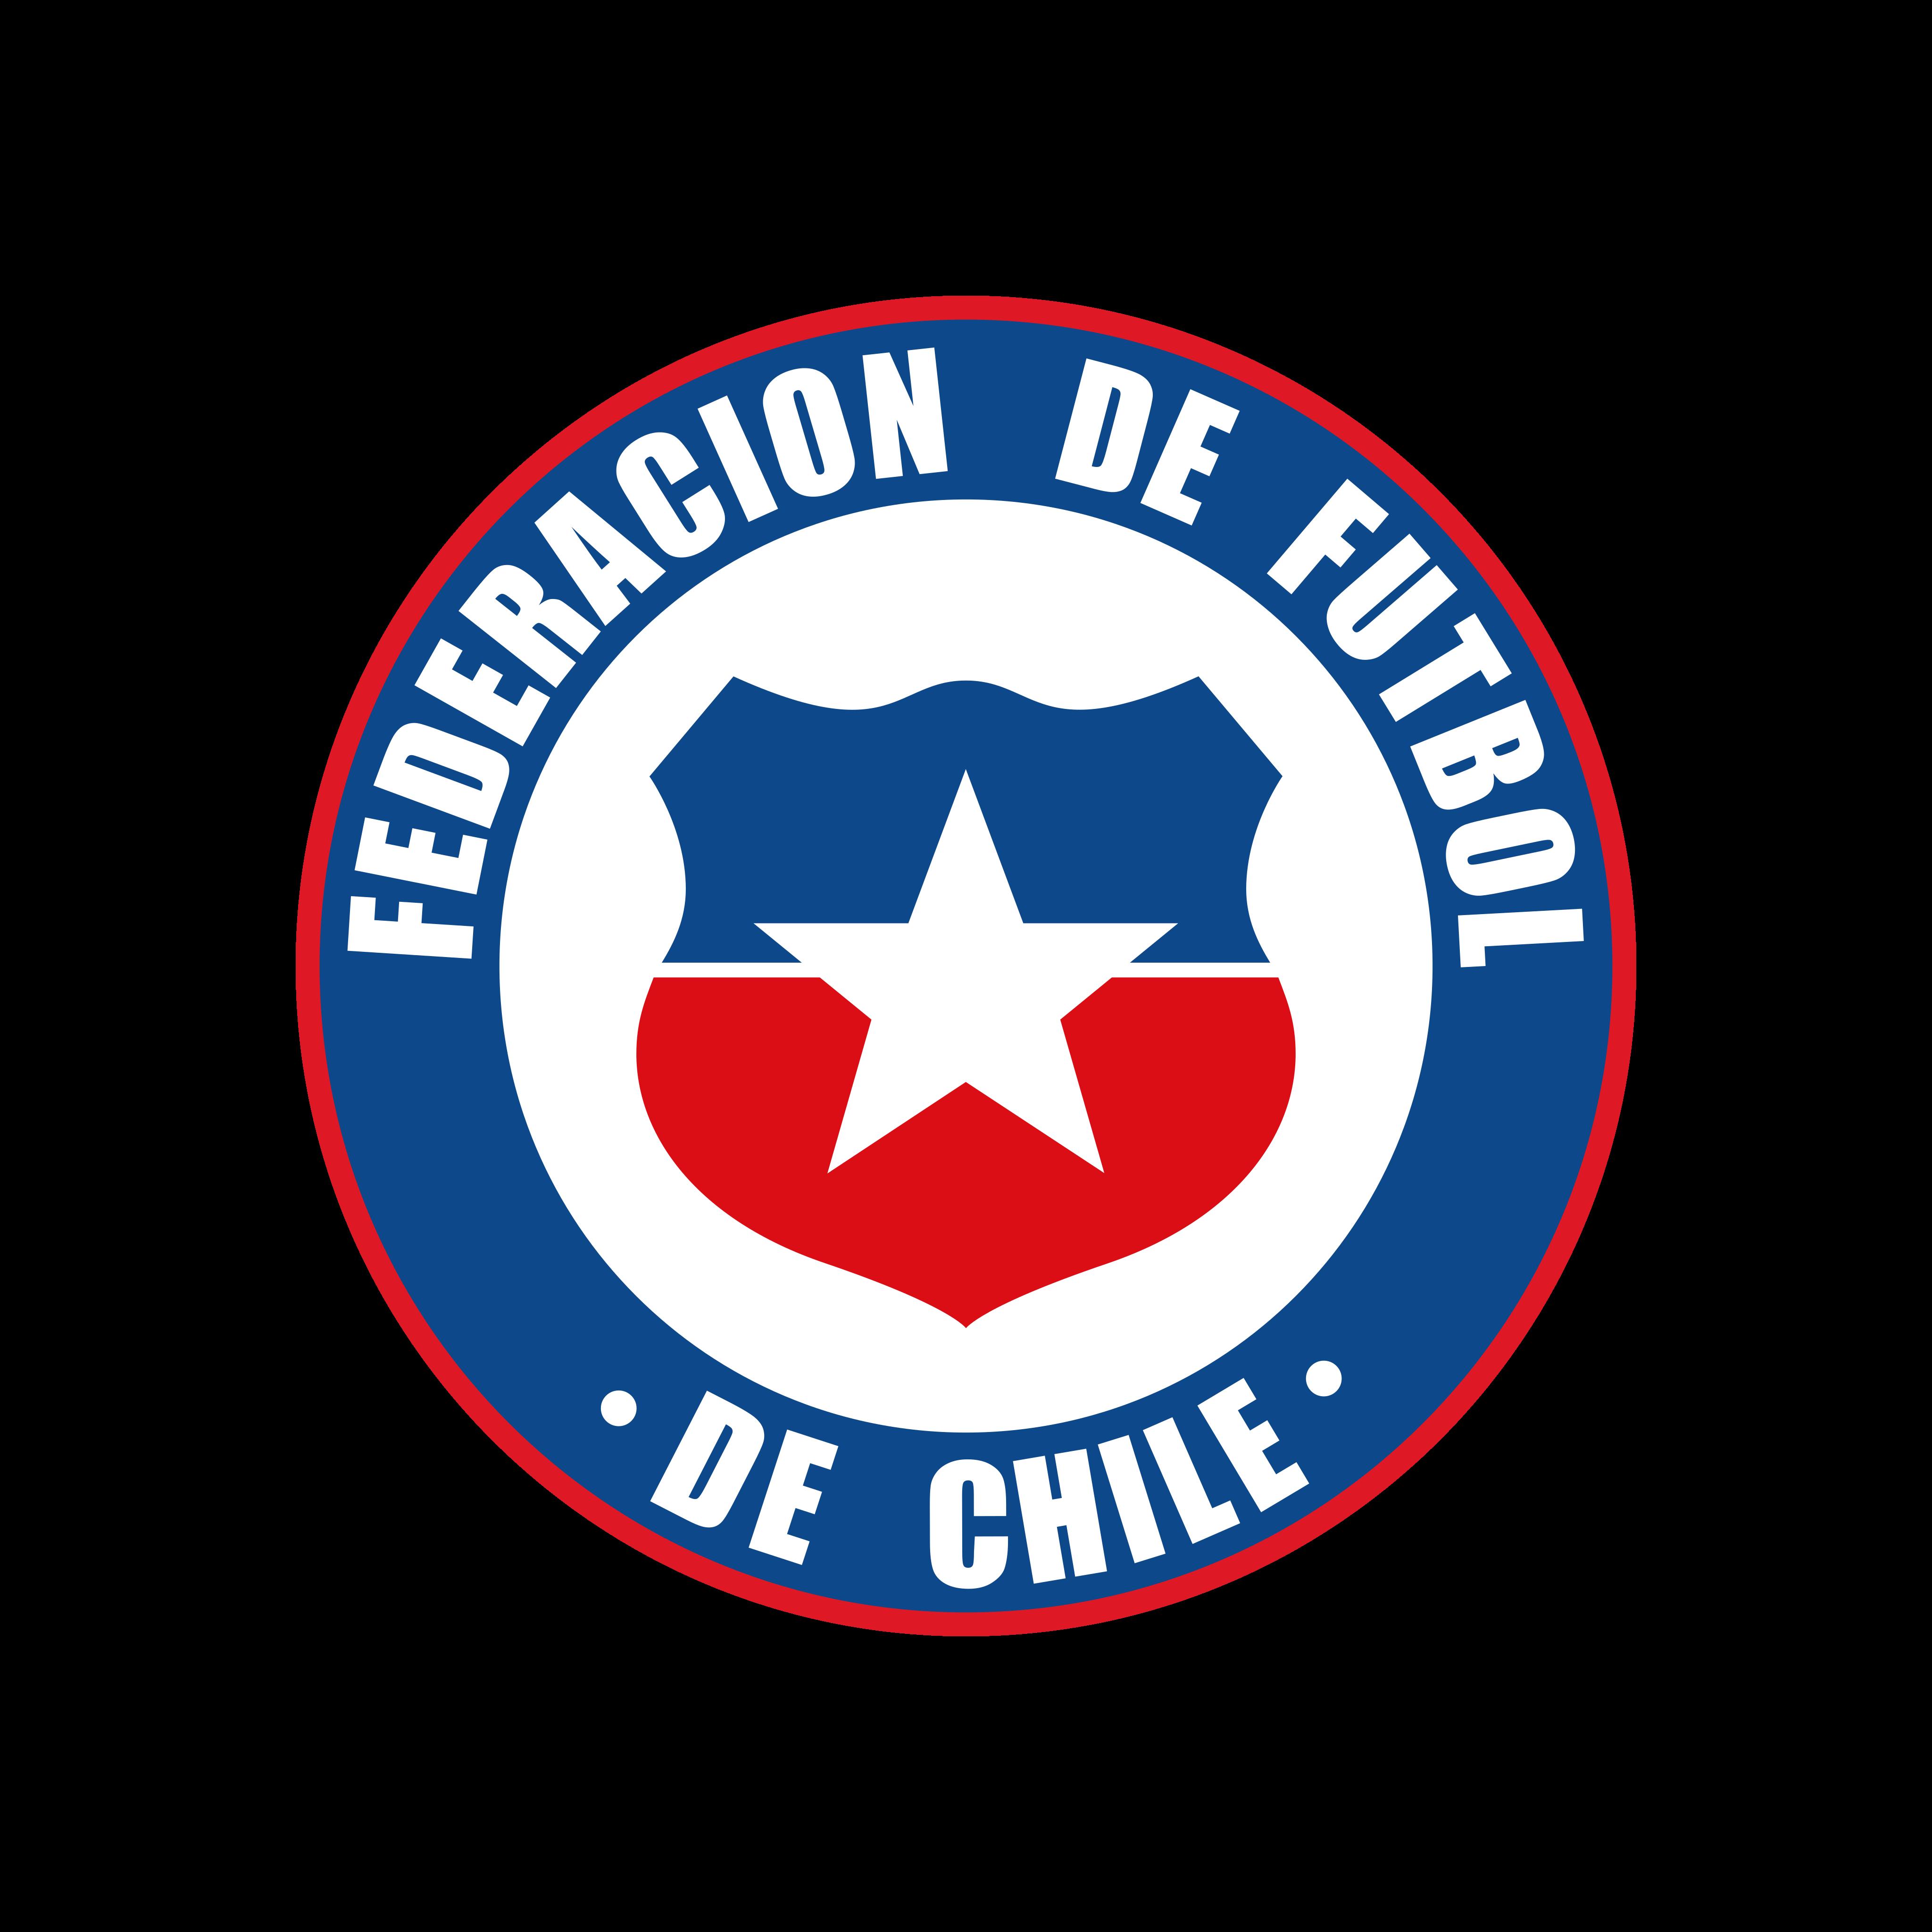 anfp seleccion de futbol de chile logo 0 - ANFP Logo - Seleção do Chile Logo